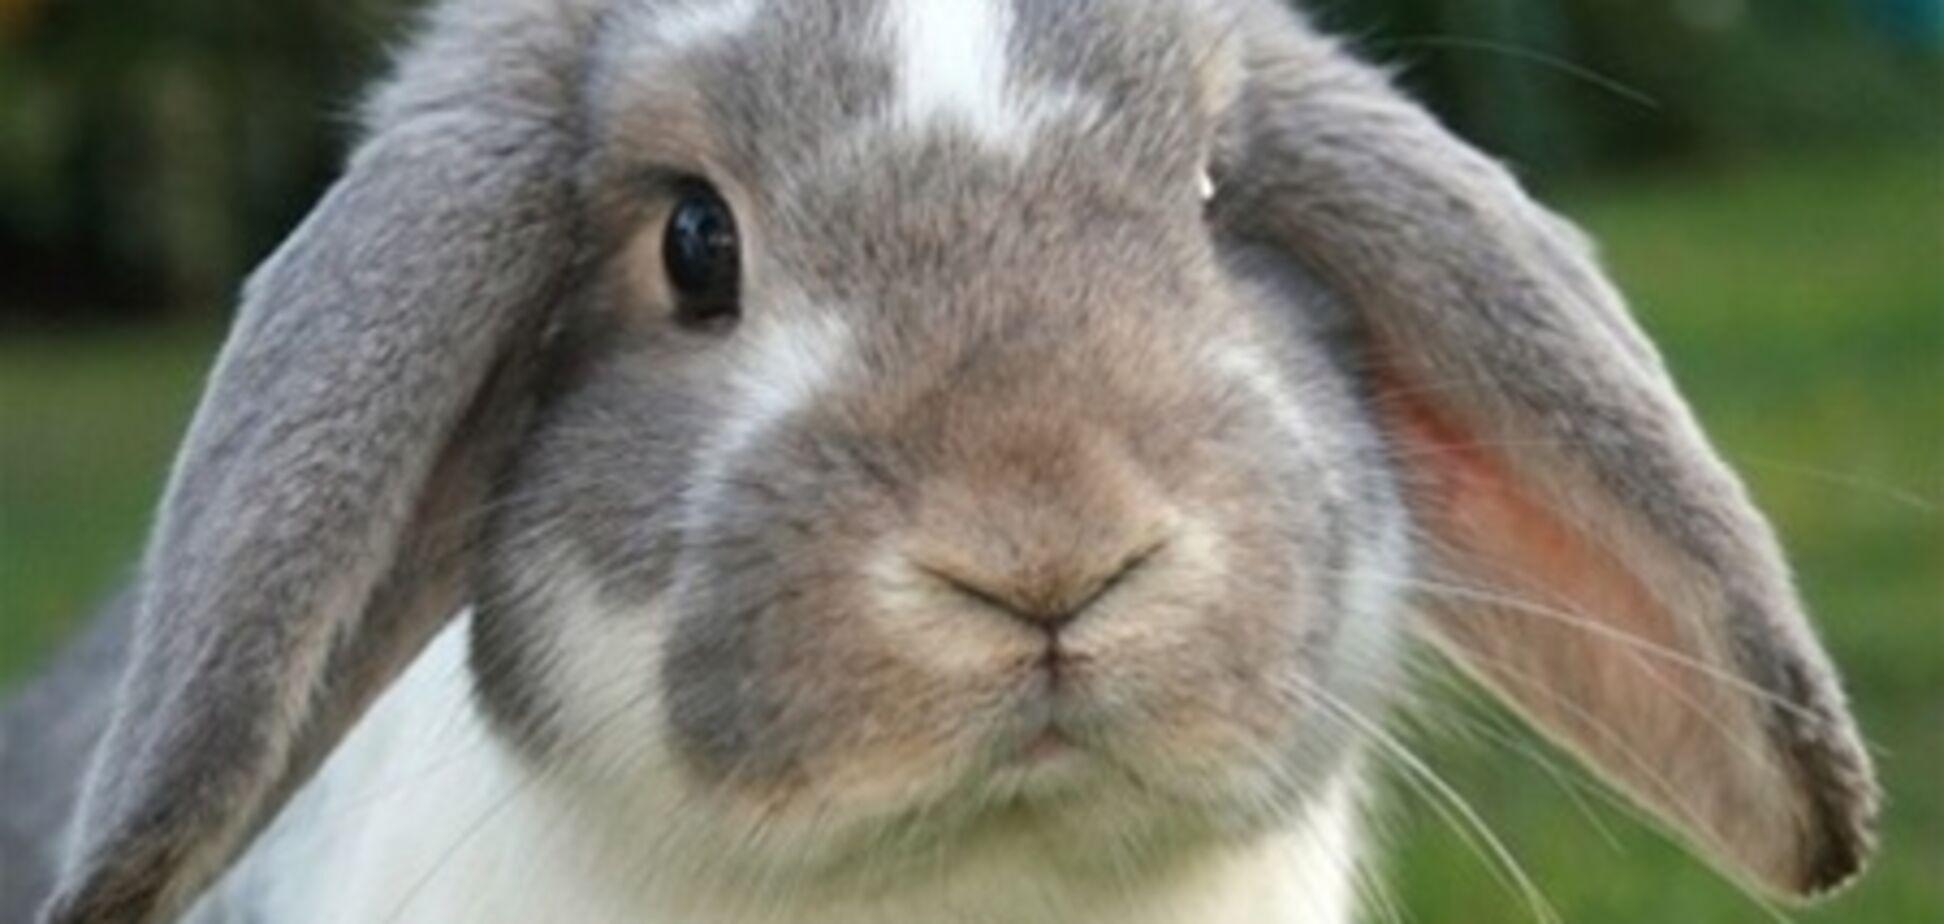 Ролик про купання кролика в раковині підірвав Інтернет